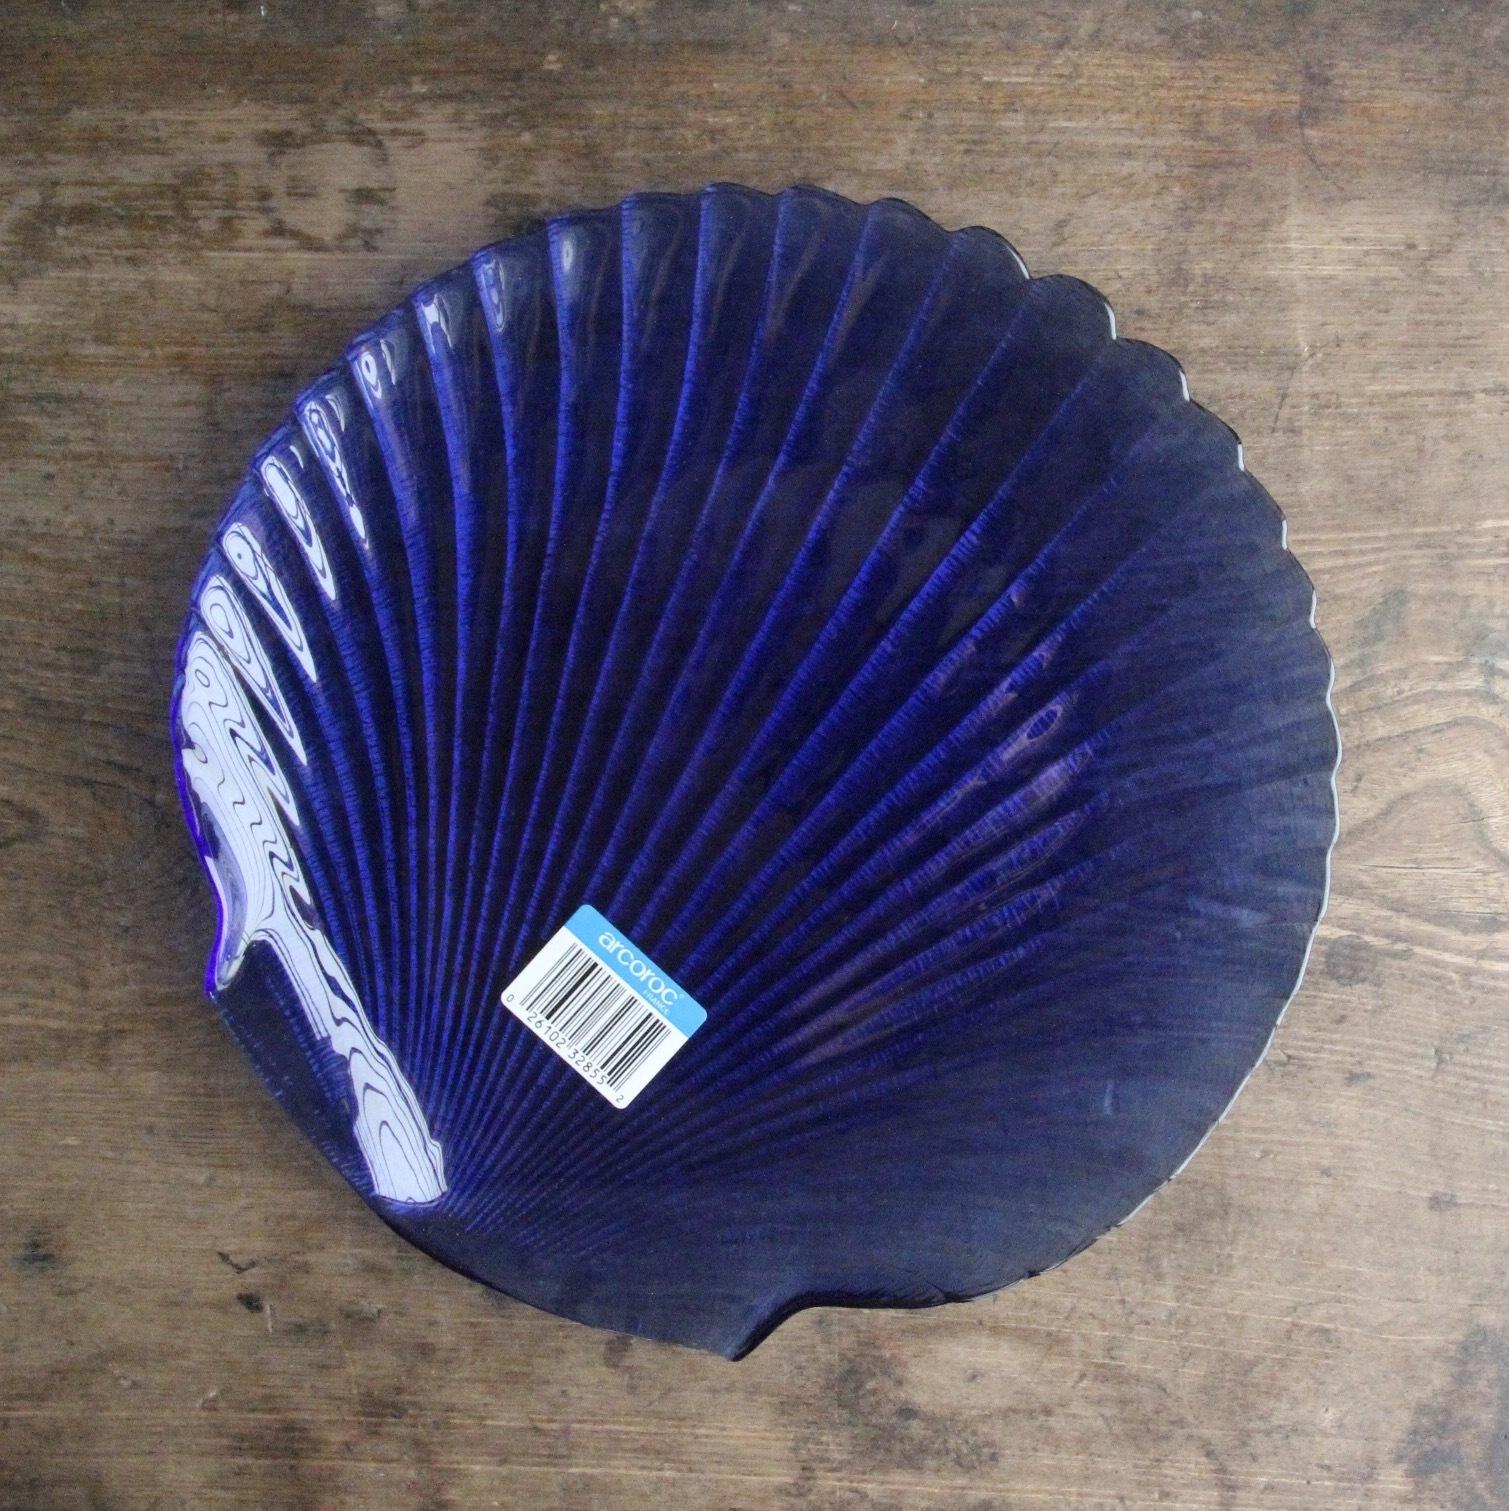 アルコロック 貝殻の形をしたお皿